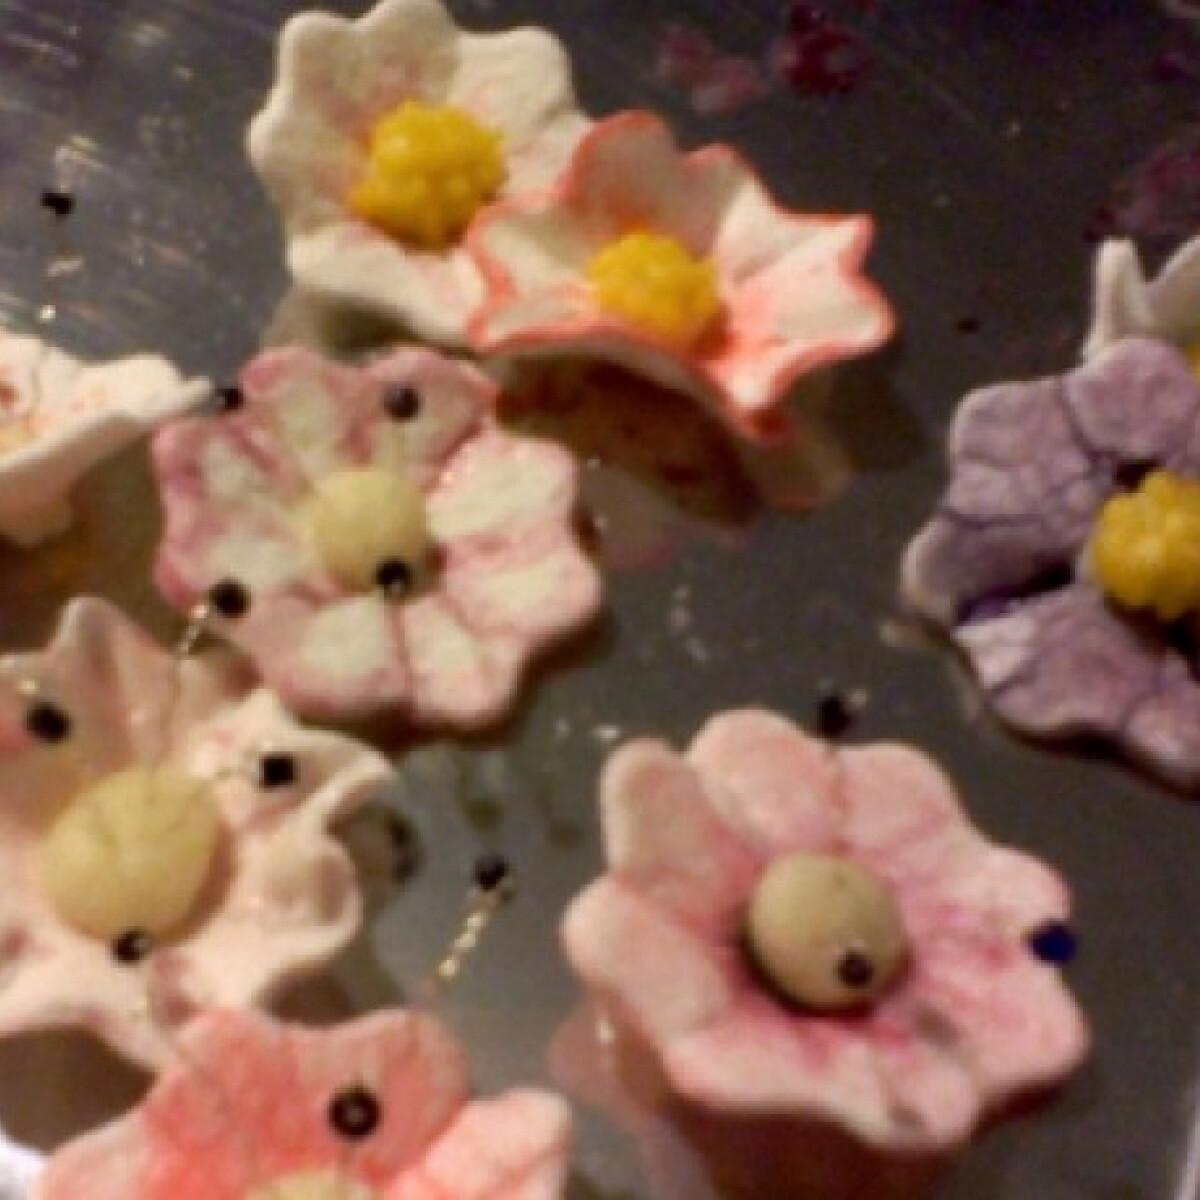 Cukorvirágok